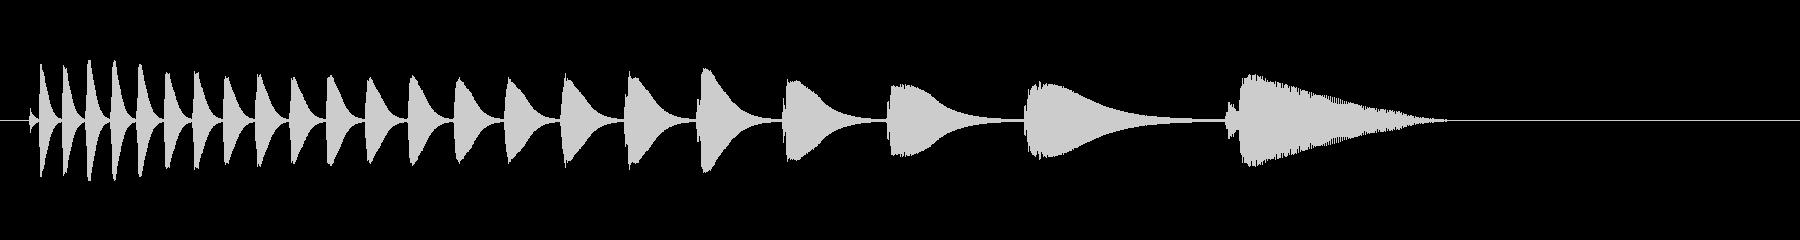 キュルキュルコトン(コケる音)の未再生の波形